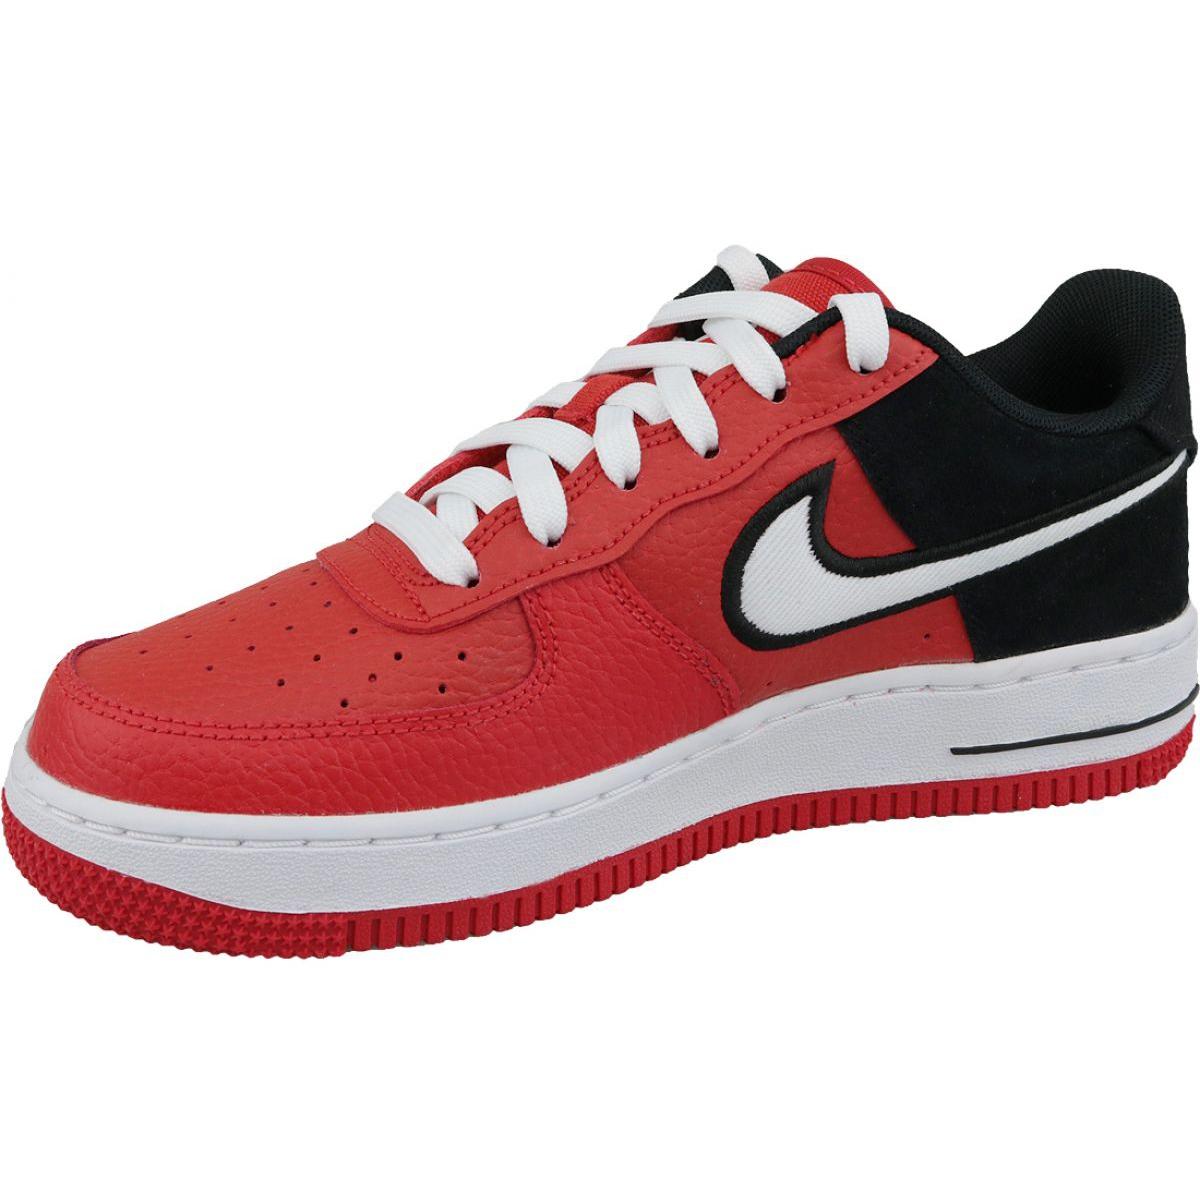 Tênis Nike Air Force 1 Lv8 GS Infantil | Tênis é na